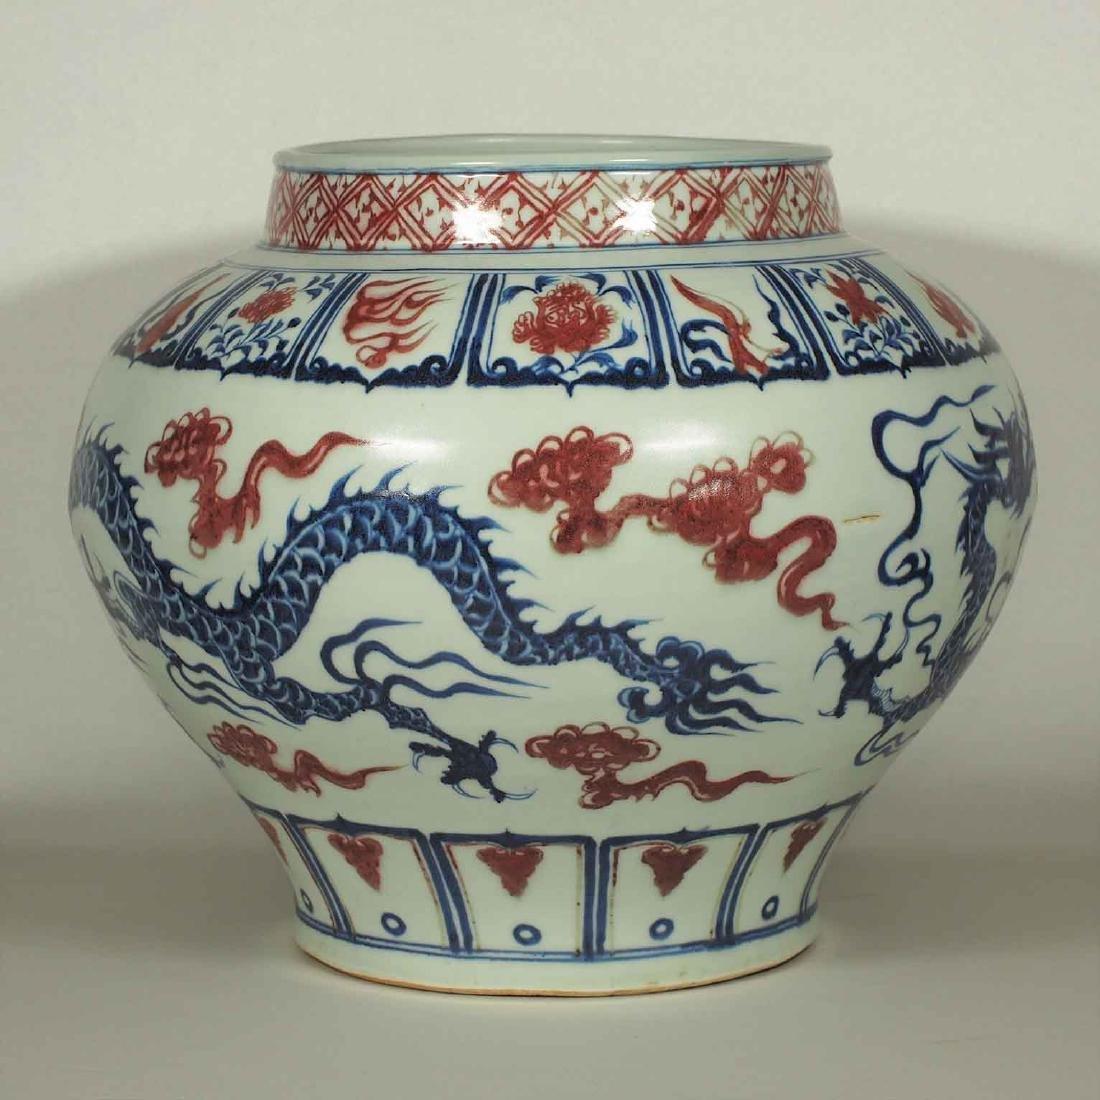 Jar with Dragon Design, Yuan Dynasty - 2